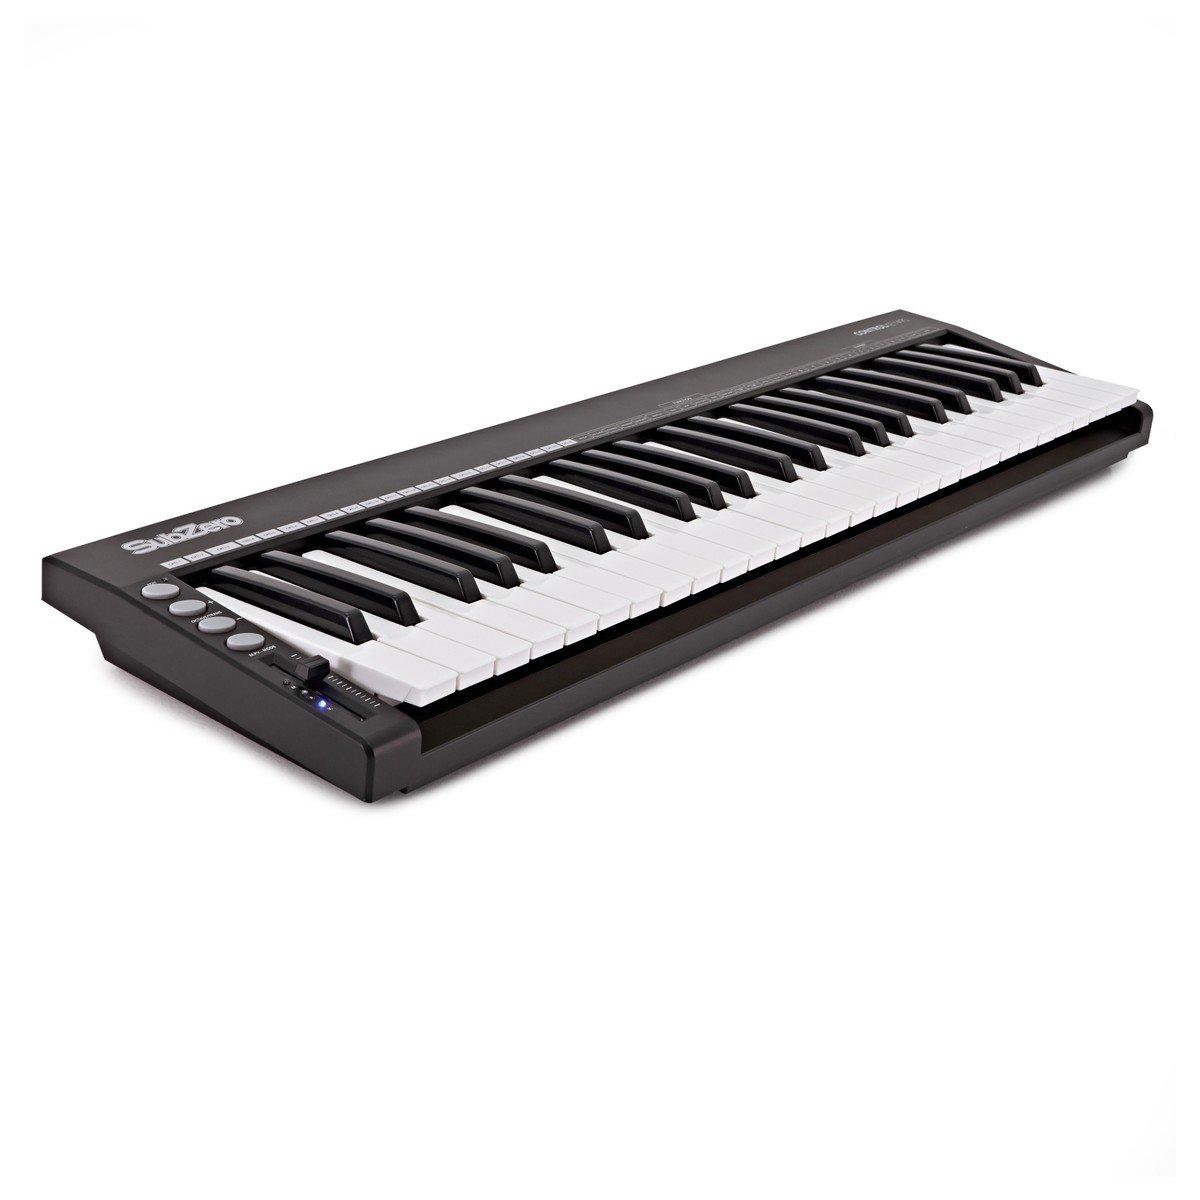 SubZero CONTROLKEY49S Teclado Controlador Slim MIDI de 49 teclas: Amazon.es: Instrumentos musicales